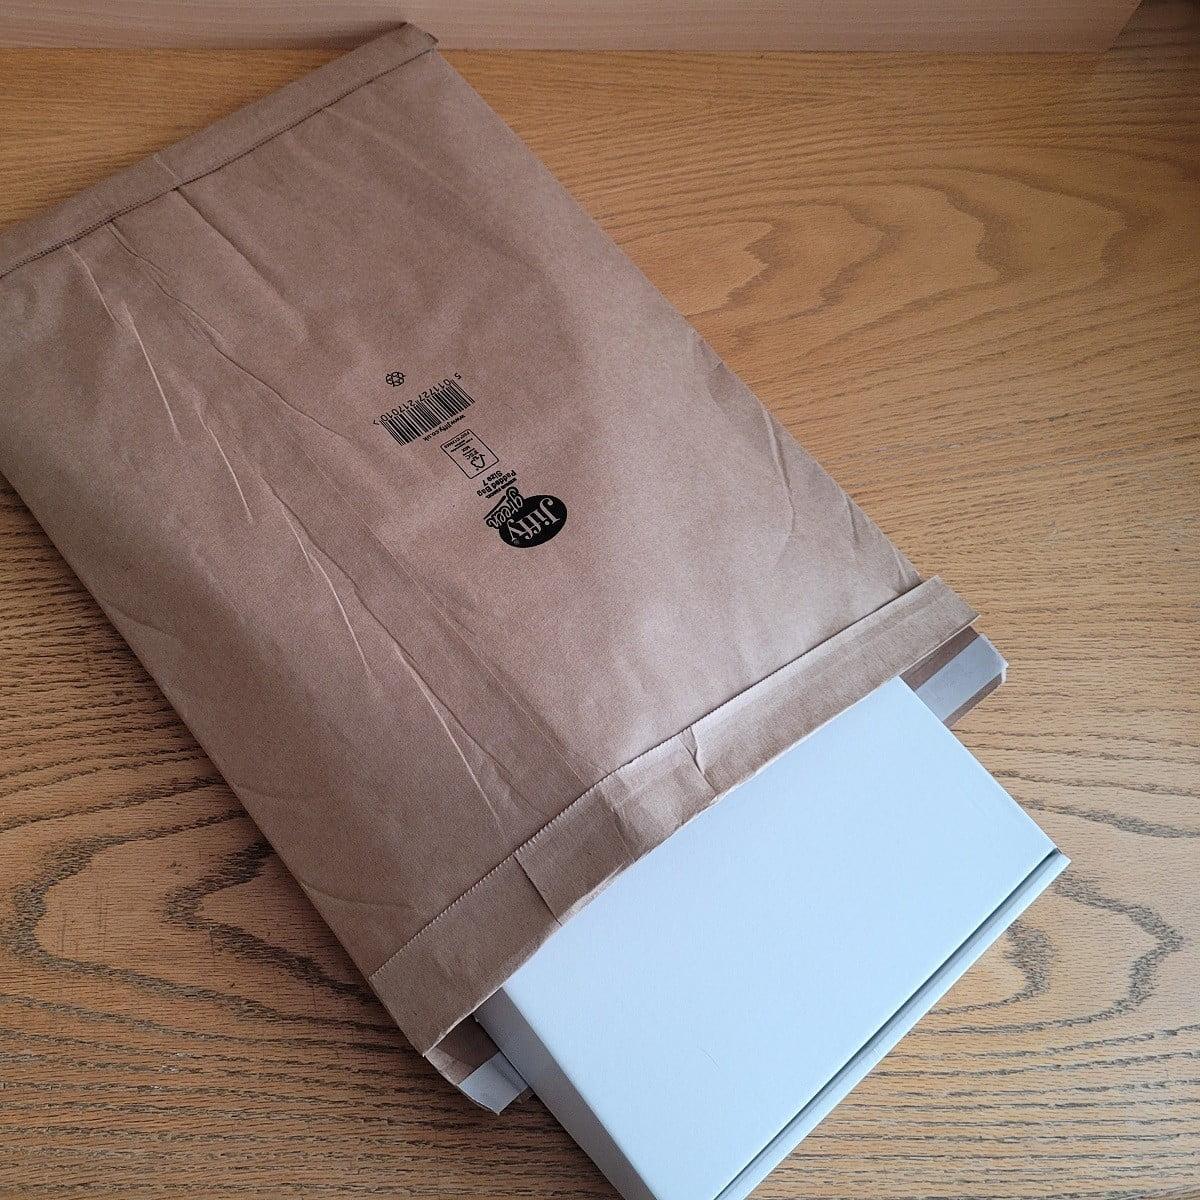 eco-friendly jiffy bag - no plastic